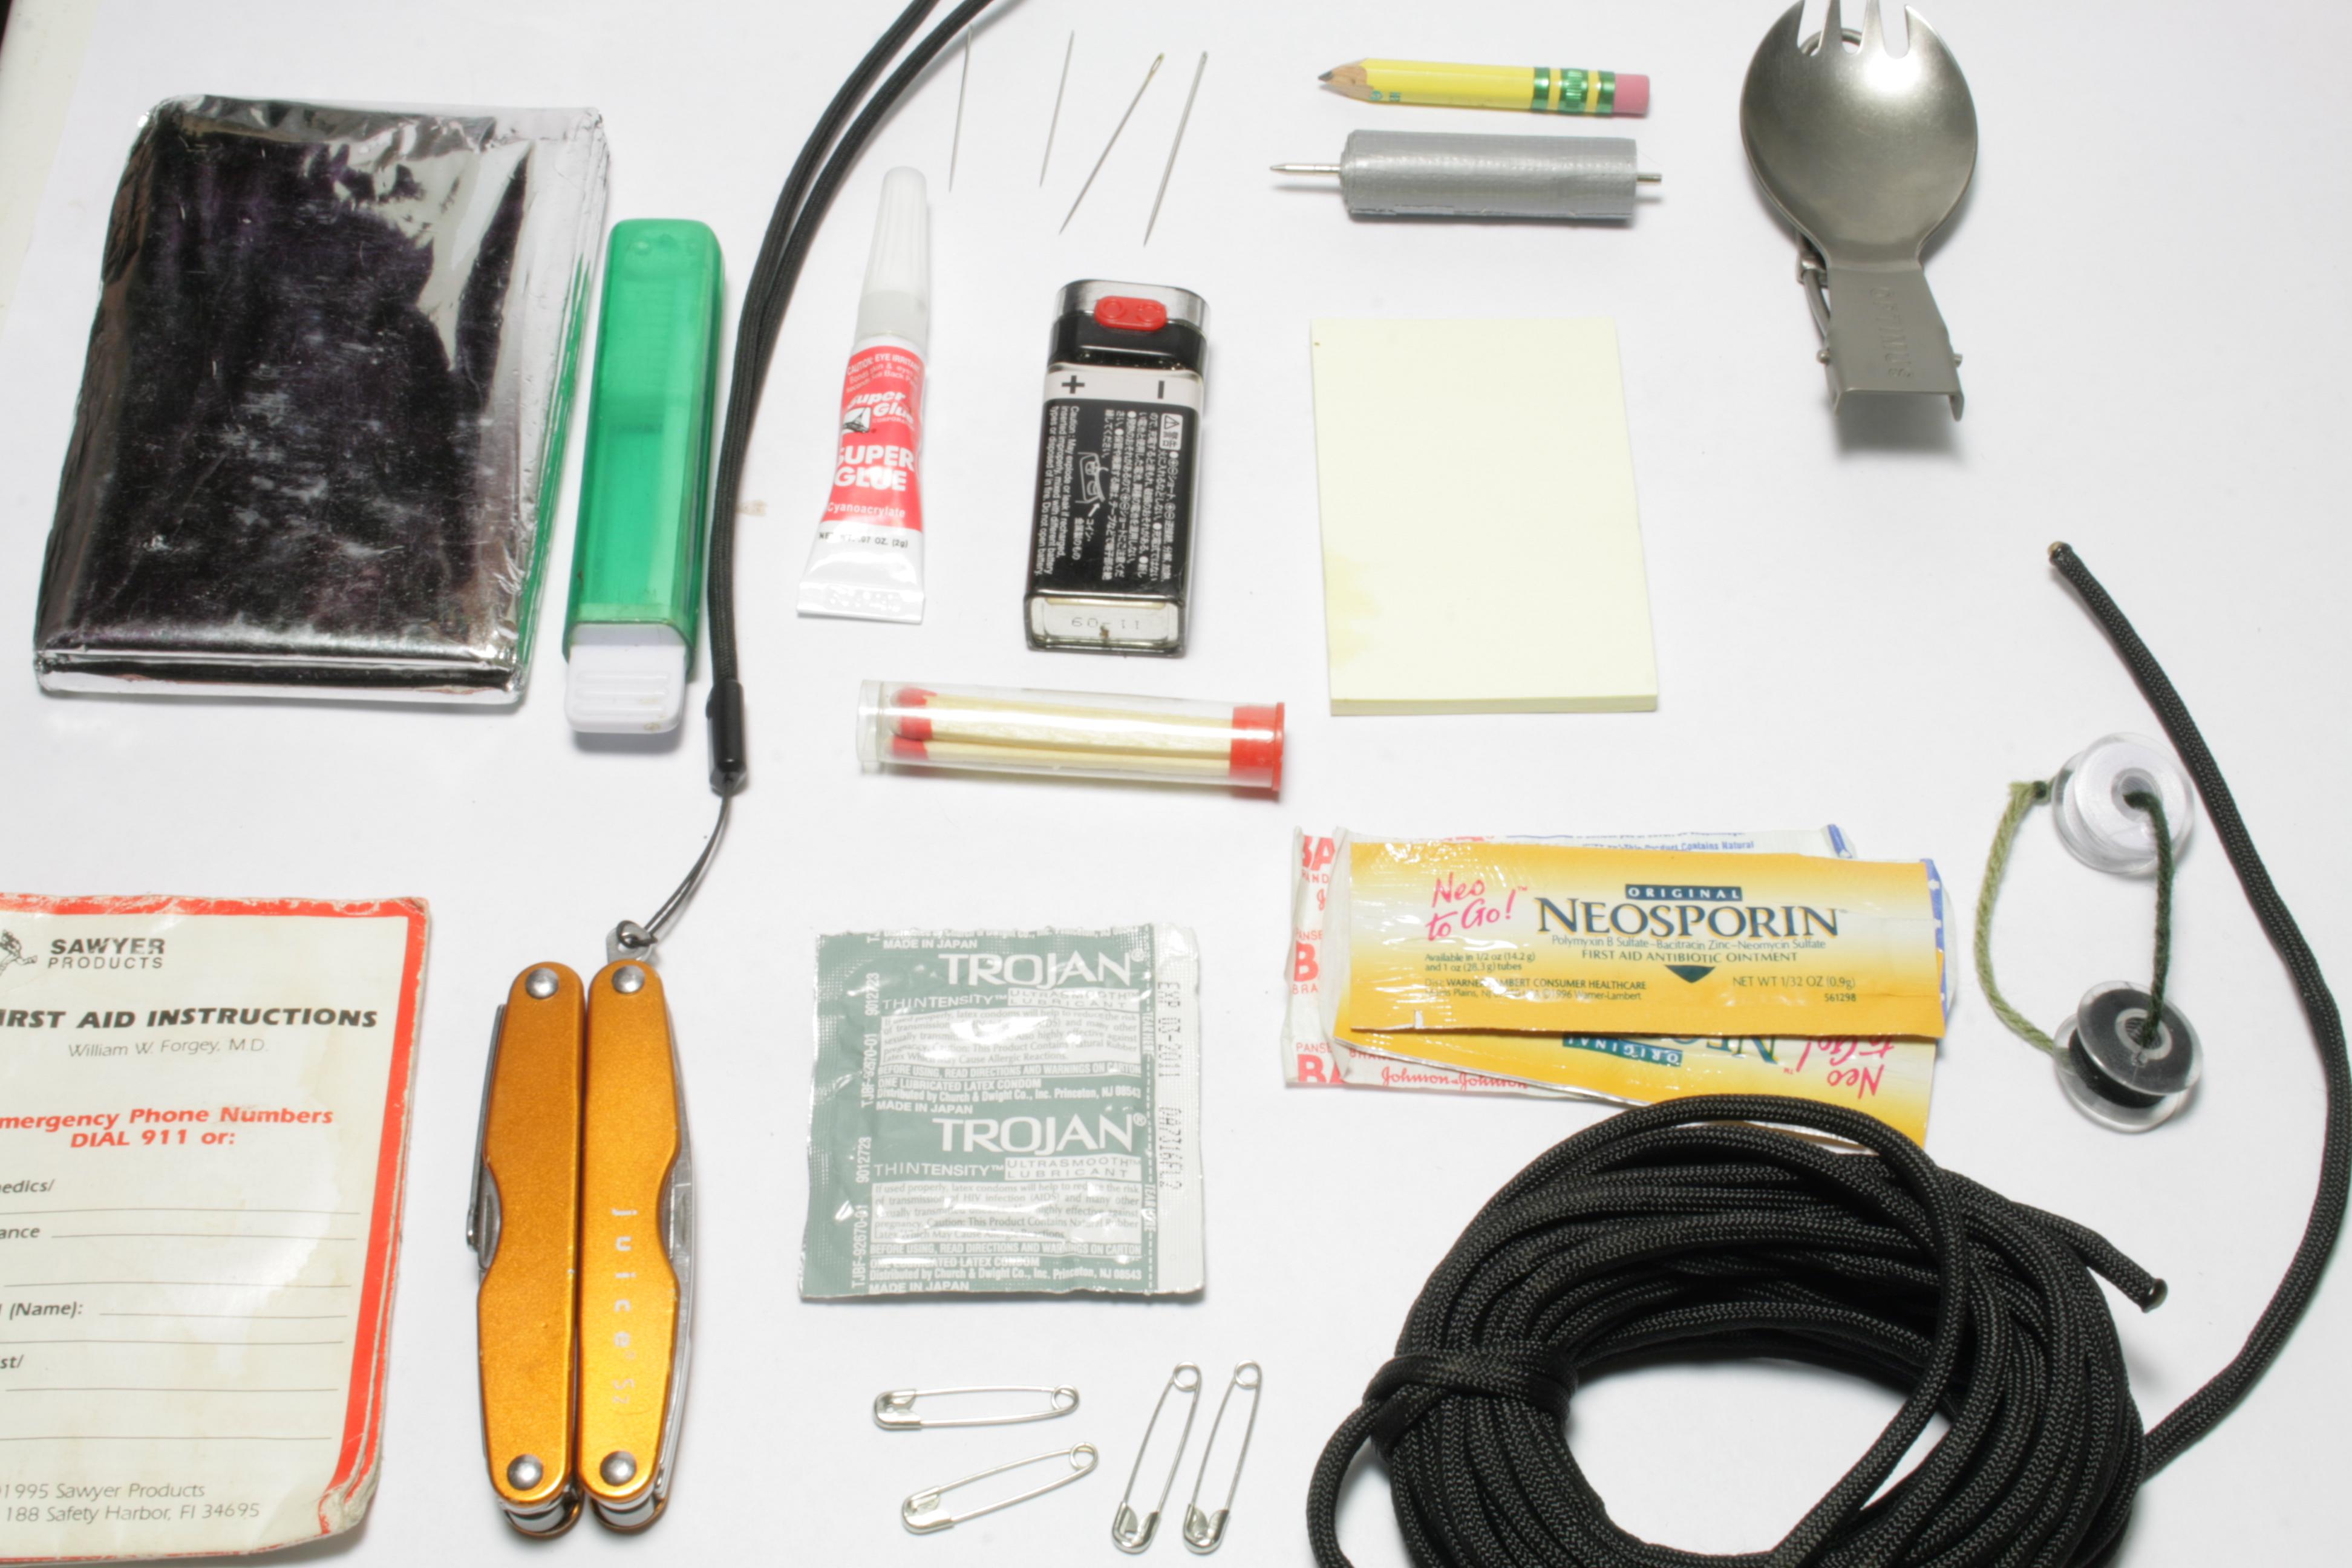 Urban Survival Kit